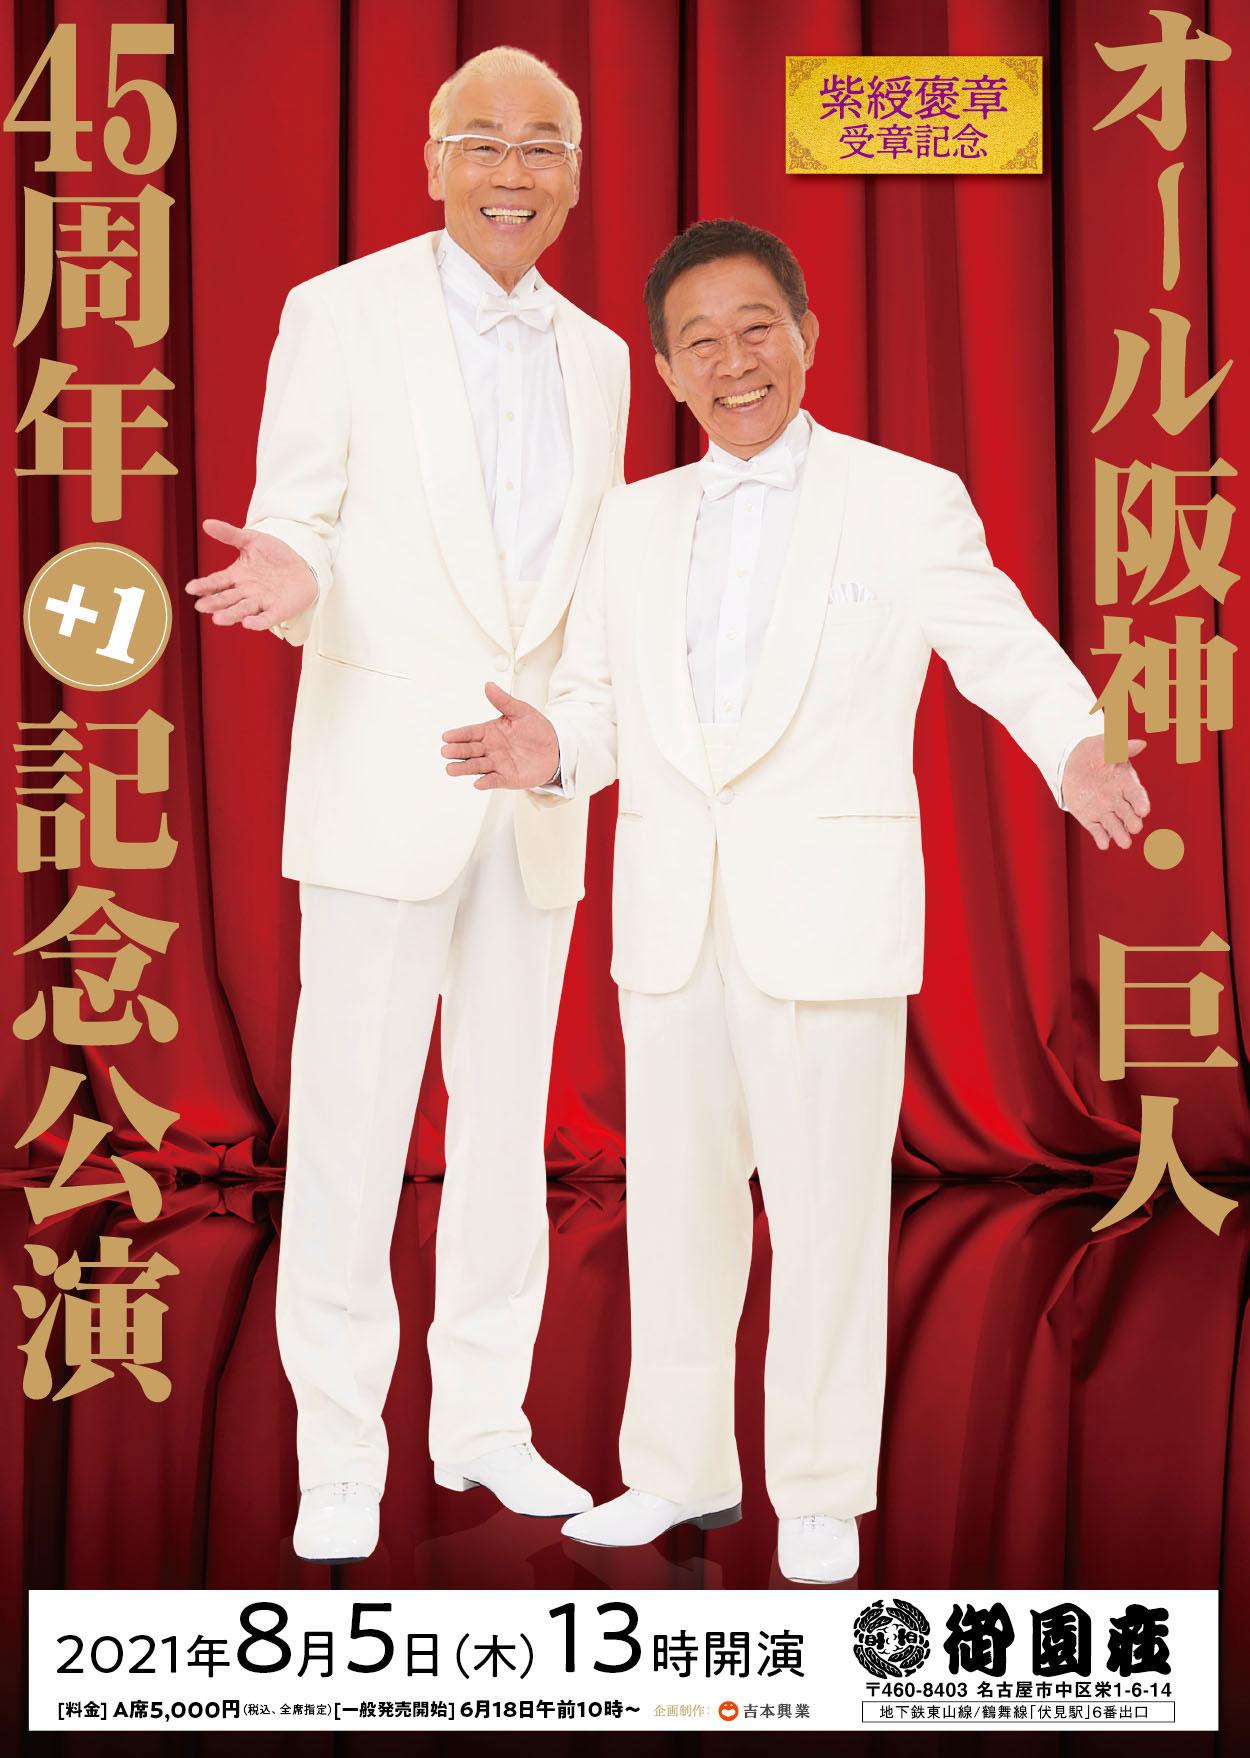 オール阪神・巨人 45周年+1記念公演 ちらし